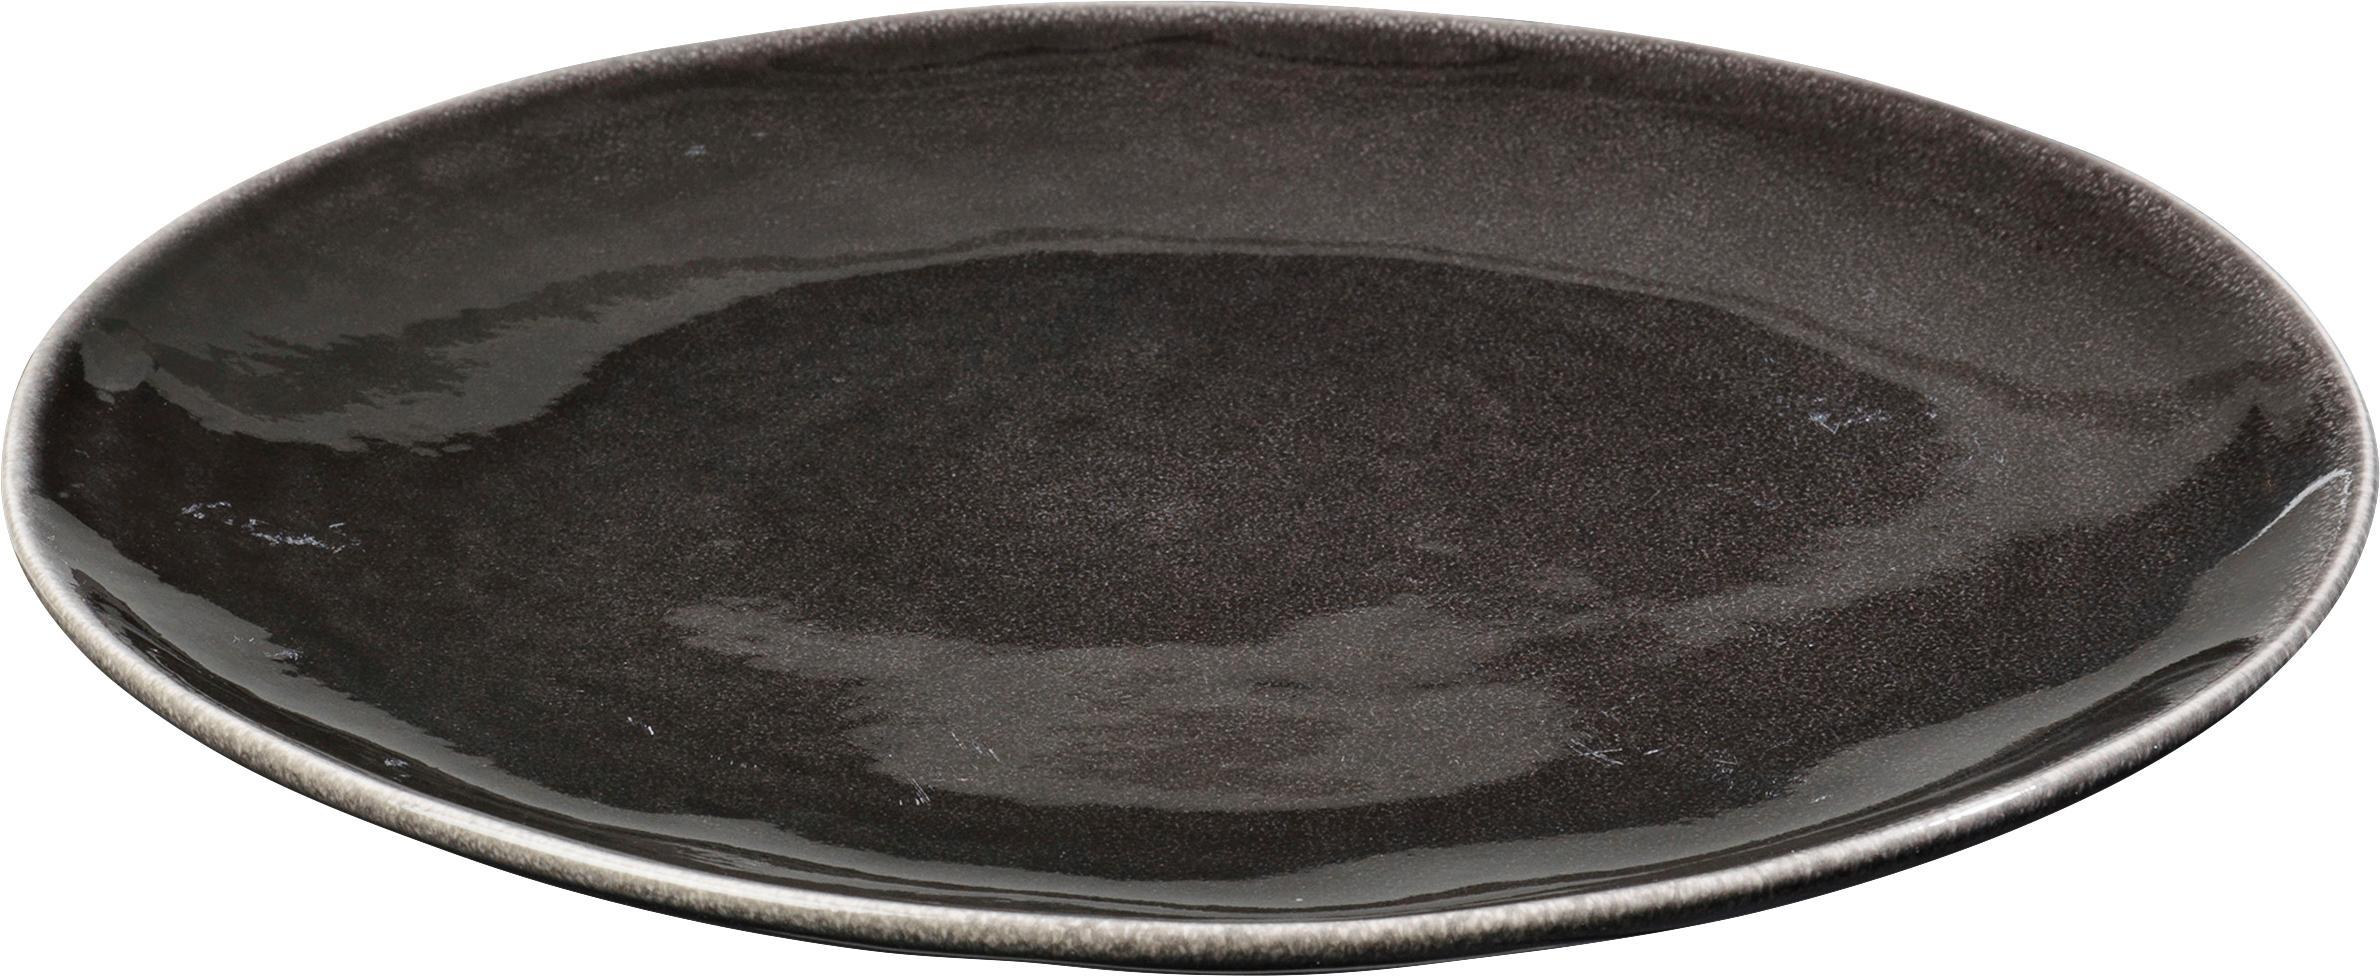 Handgemaakte dinerborden Nordic Coal, 4 stuks, Keramiek, Bruin, Ø 26 cm